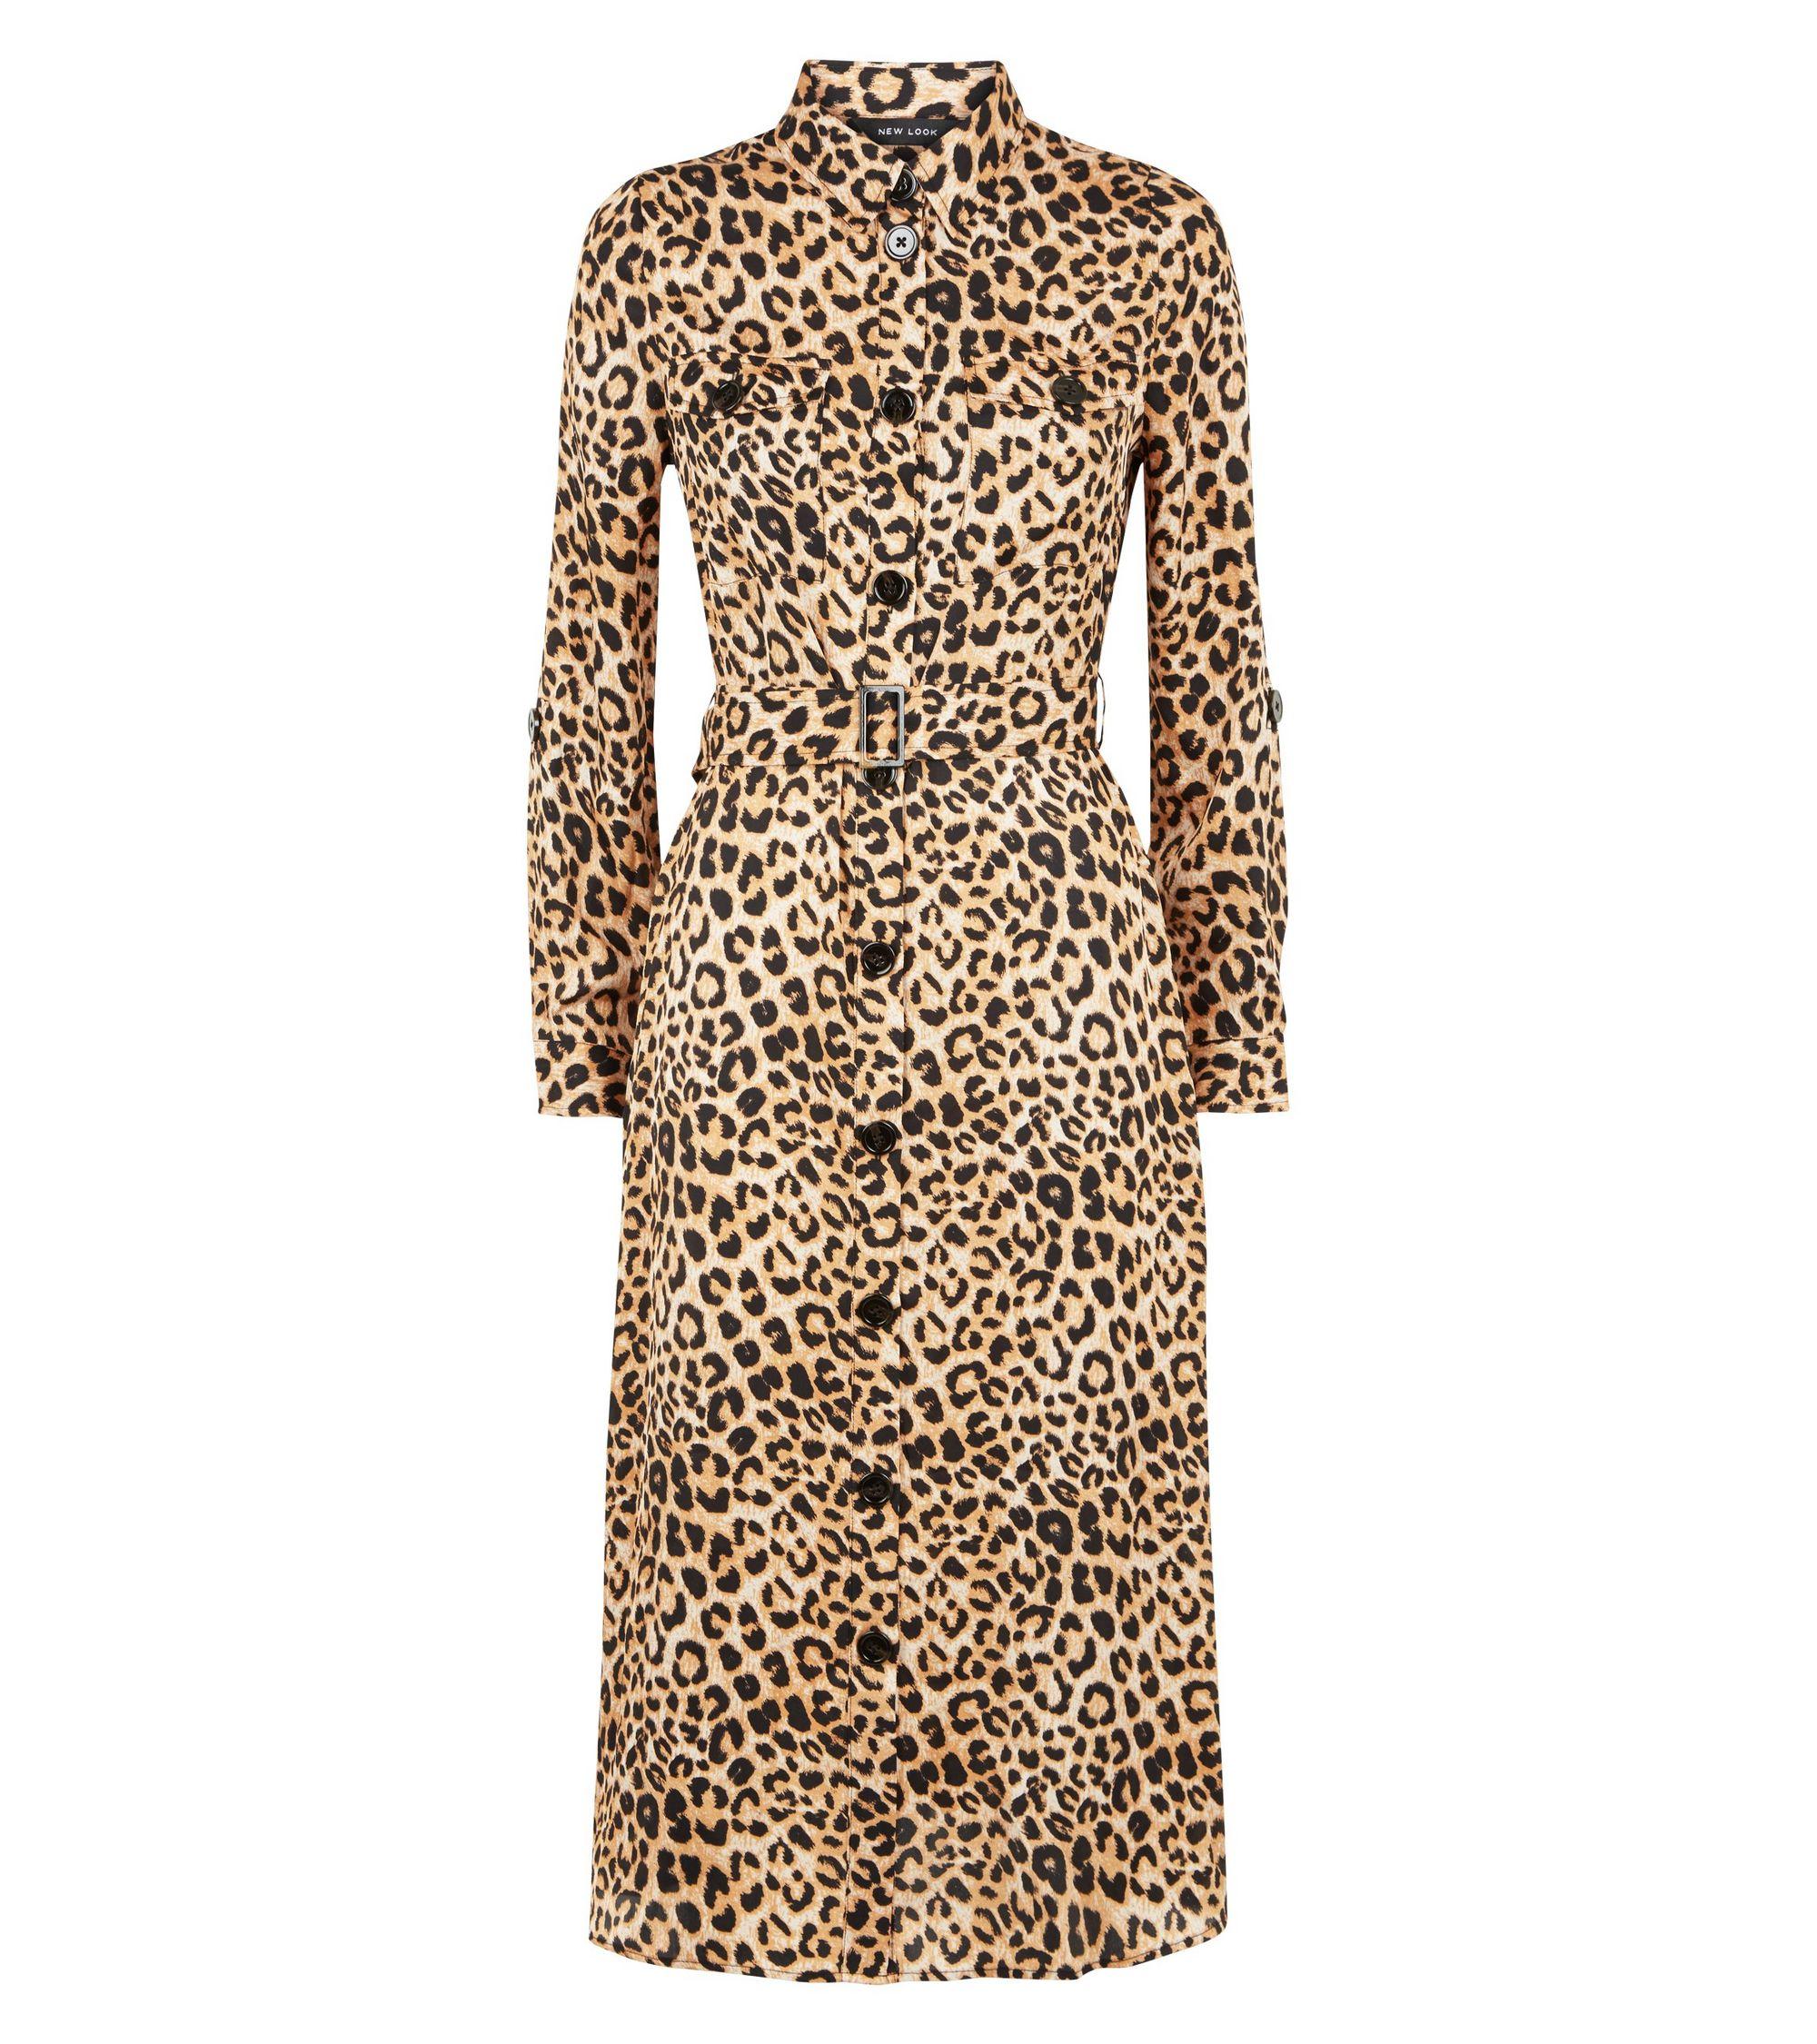 8298d47f37e6 New Look Brown Leopard Print Satin Midi Shirt Dress at £29.99